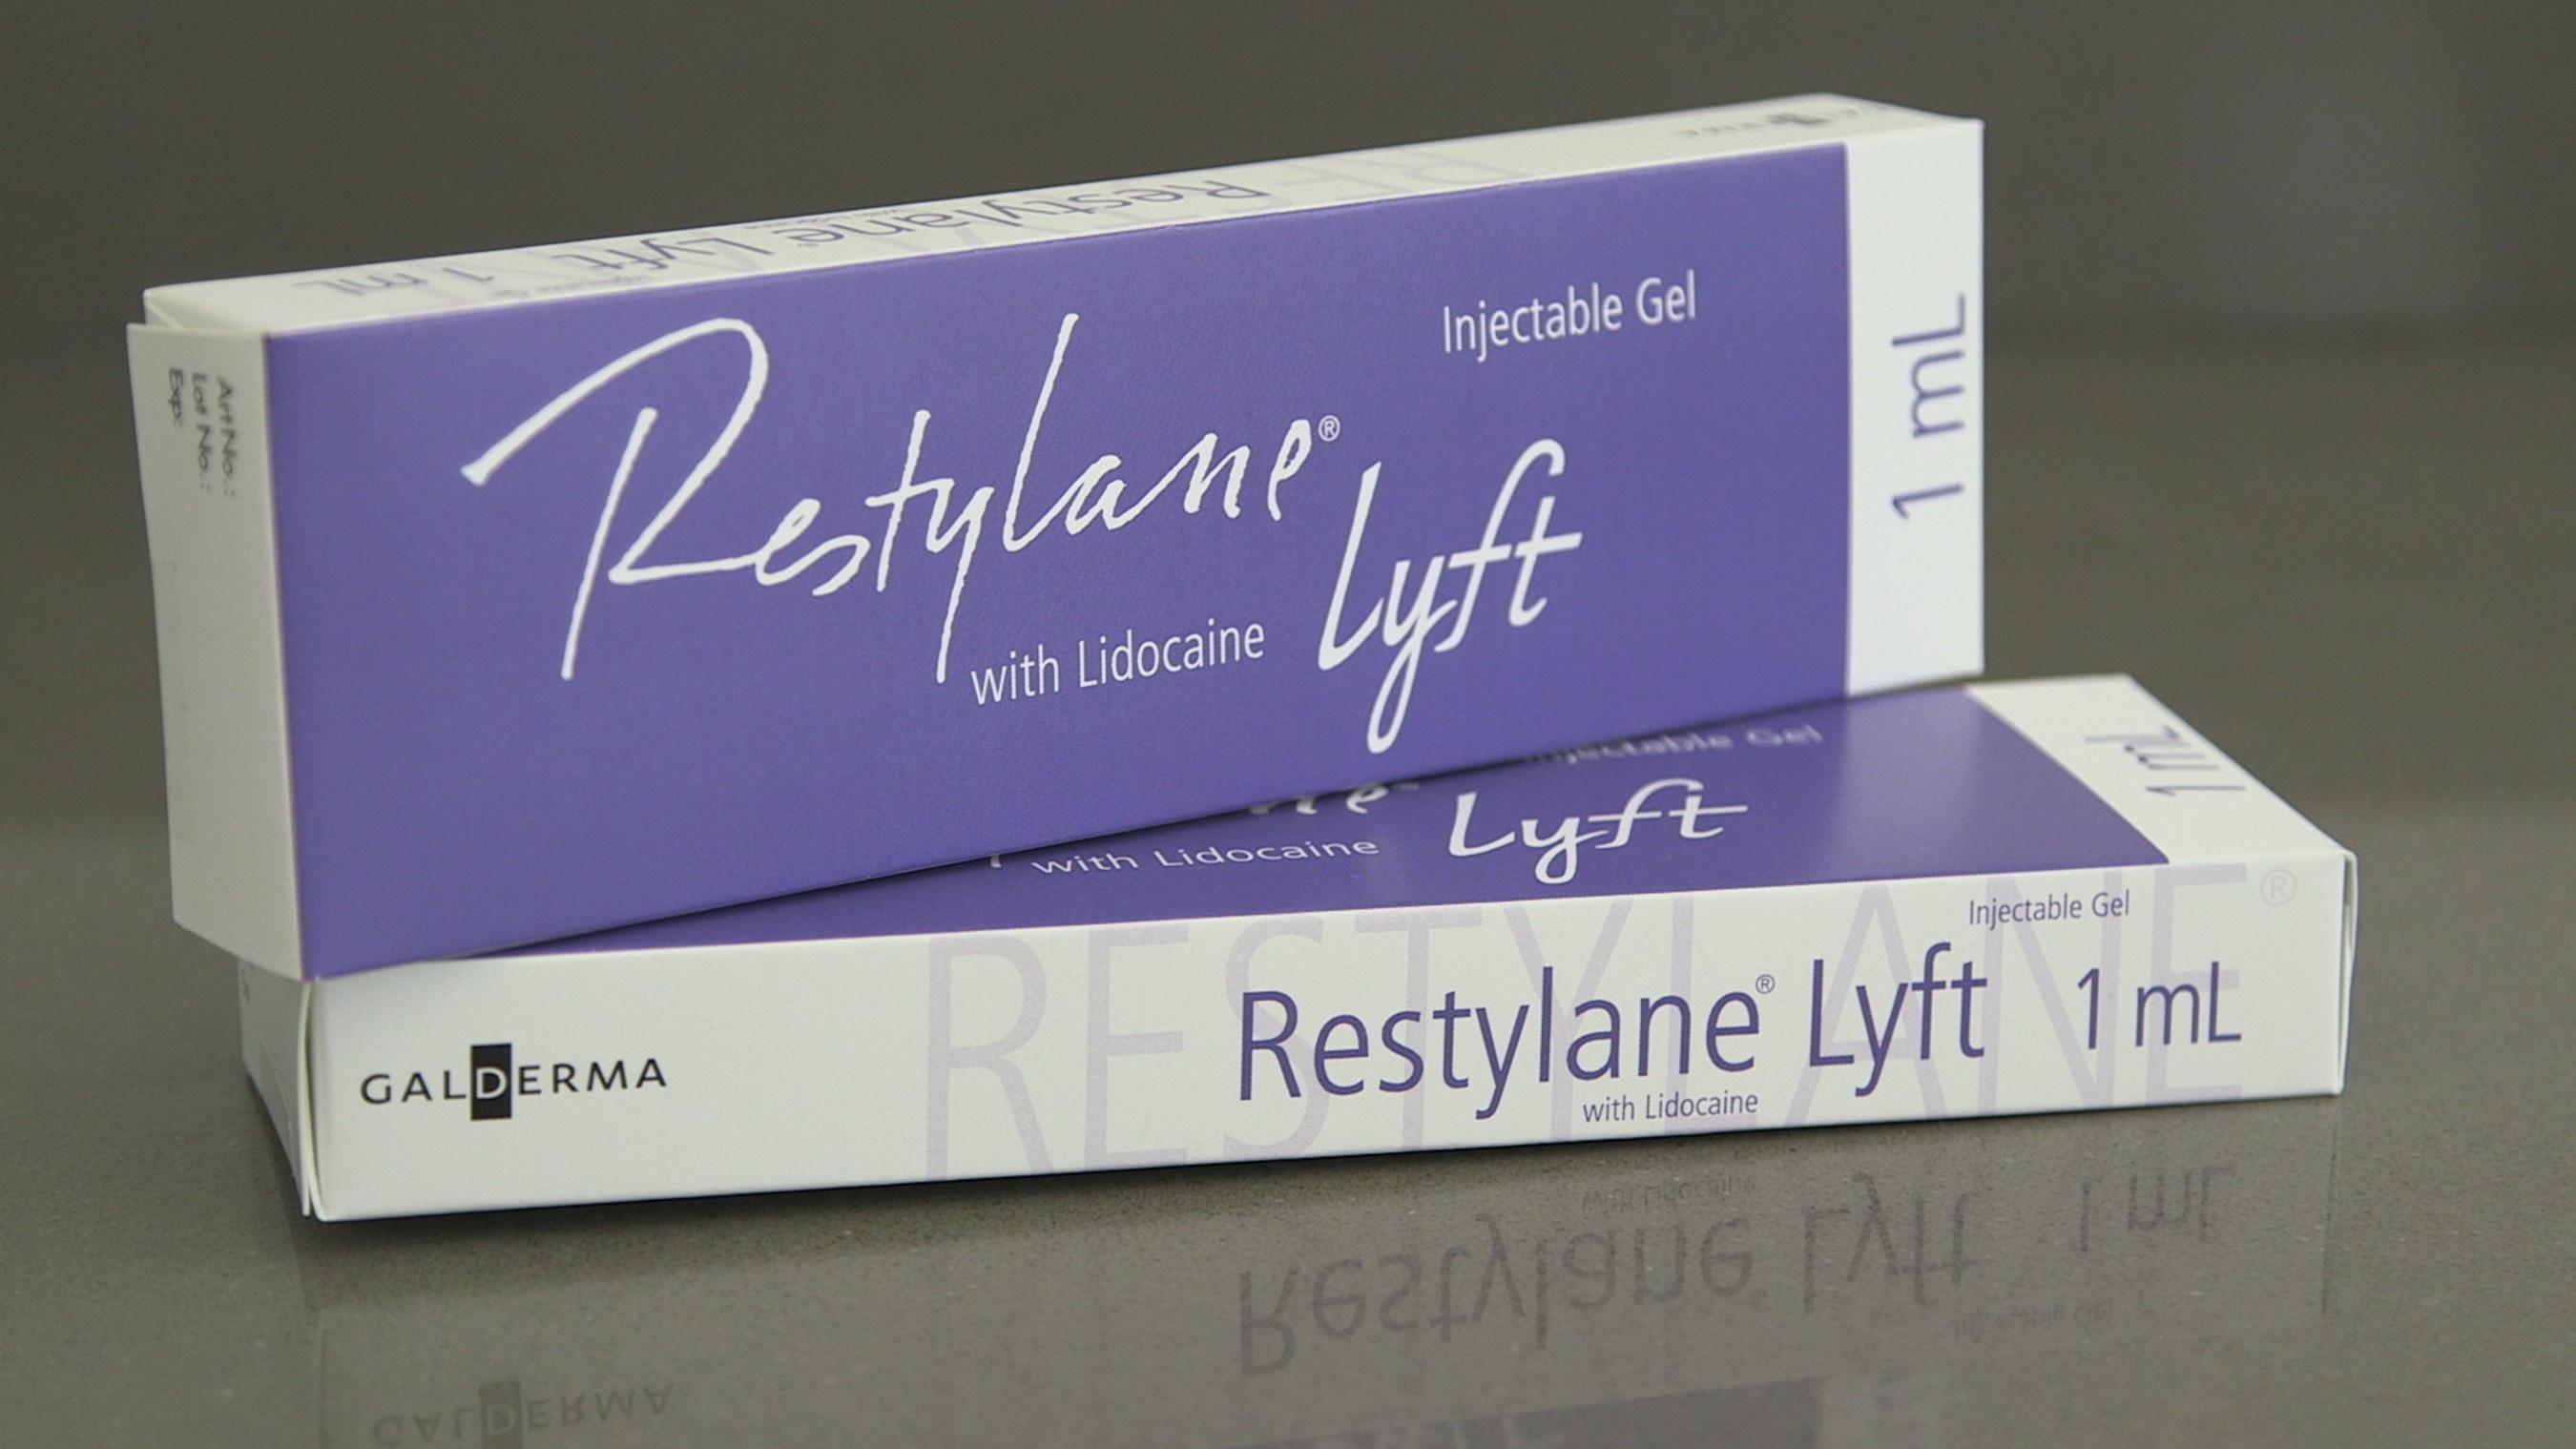 Restylane(R) Lyft with Lidocaine